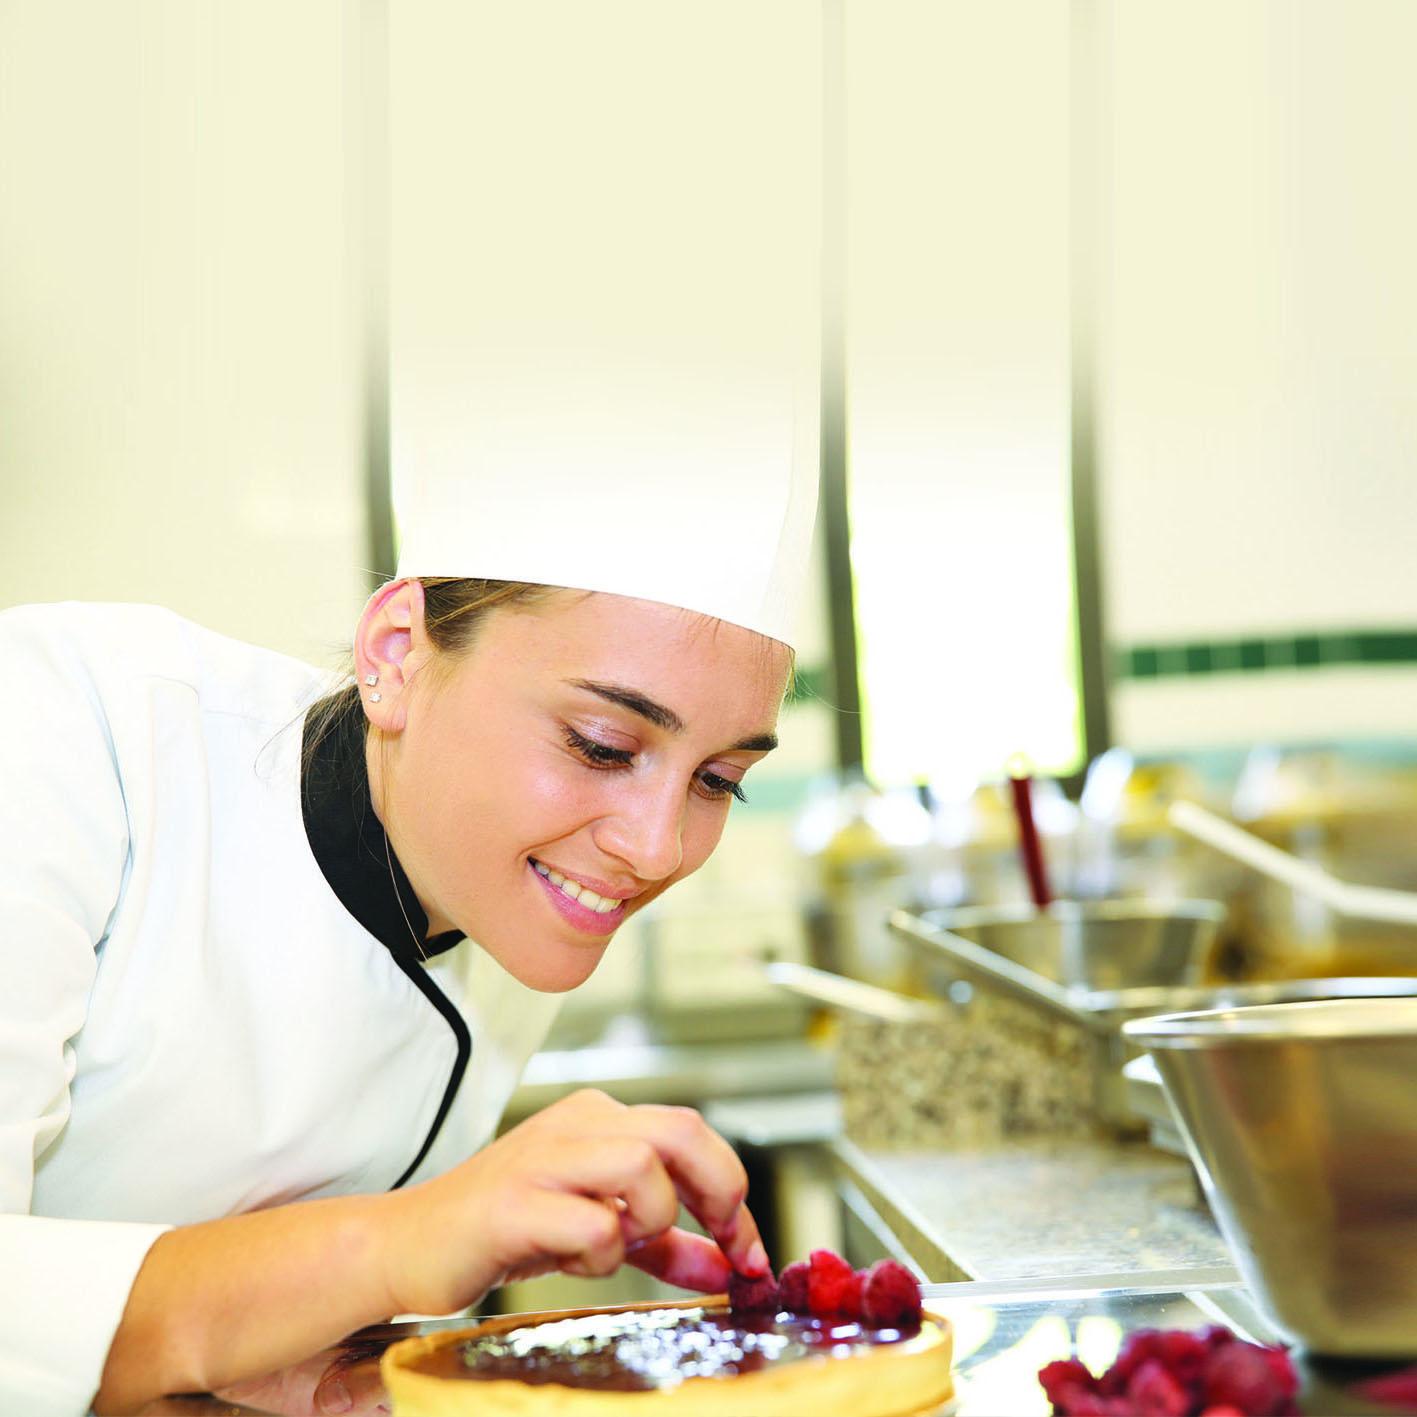 Operatore delle produzioni alimentari lavorazione e produzione di pasticceria, pasta e prodotti da forno